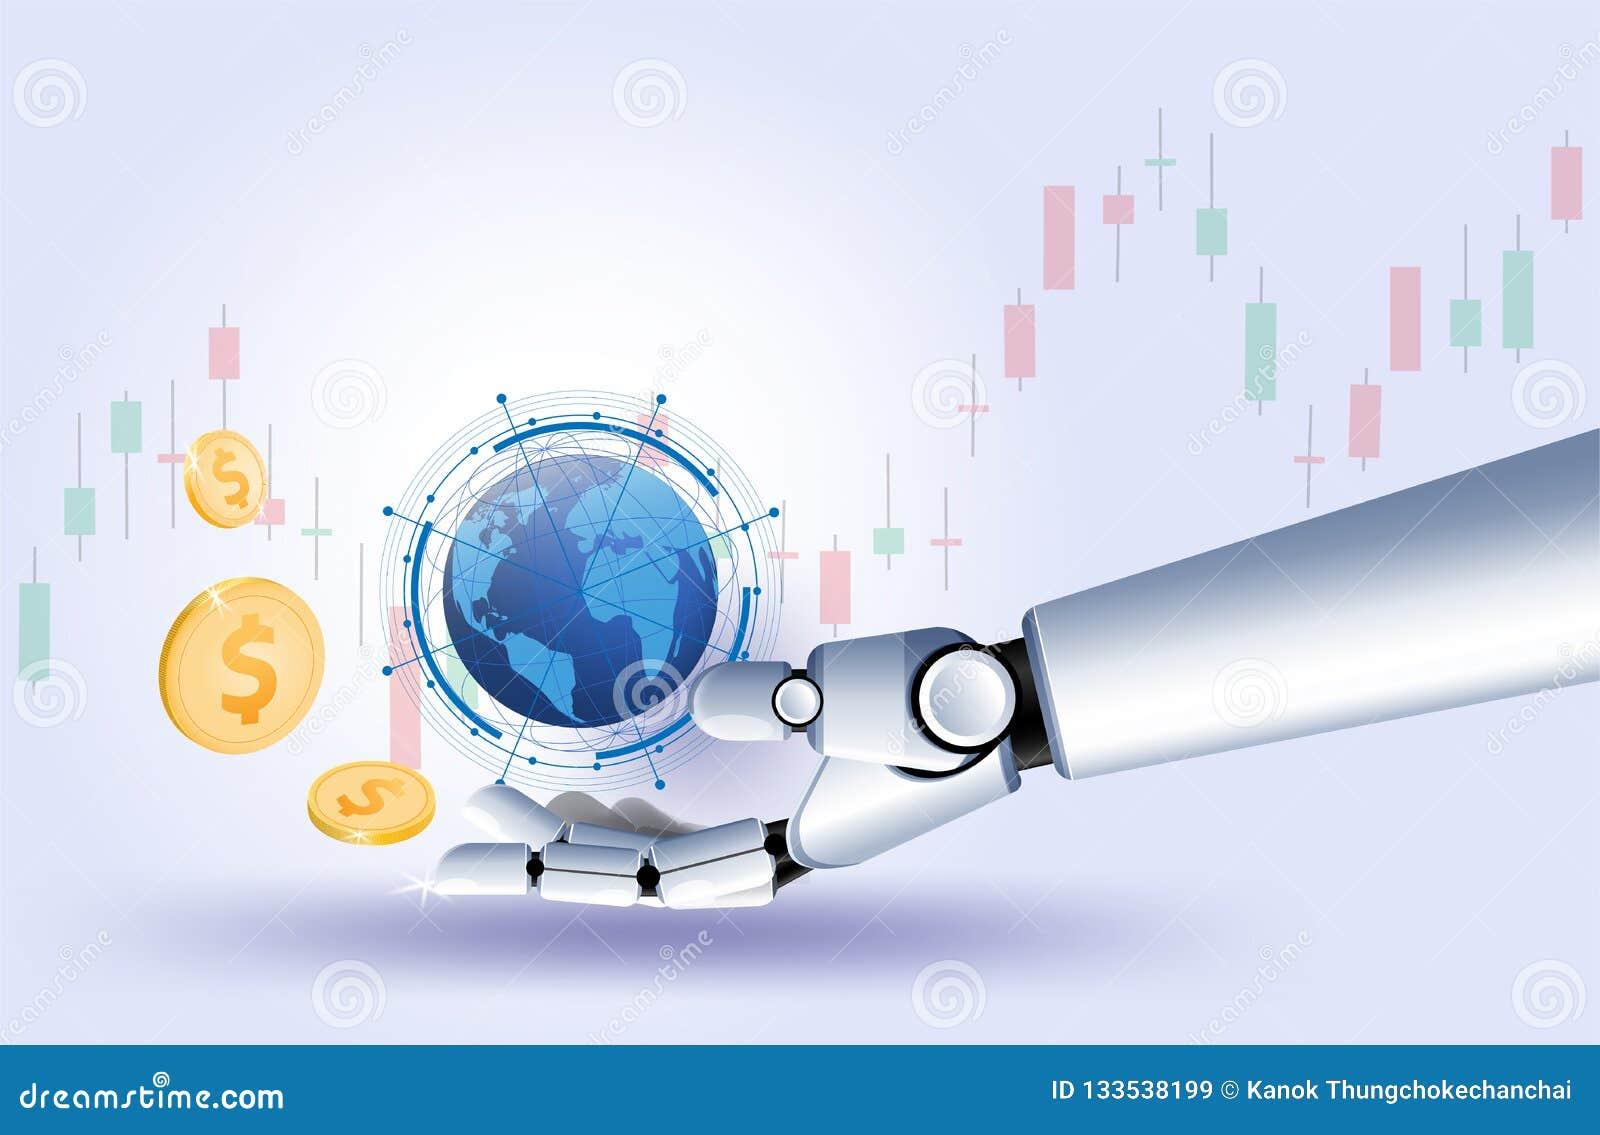 金美元硬币手机器人股票市场外汇贸易图表导航未来派聪明的投资技术控制prote